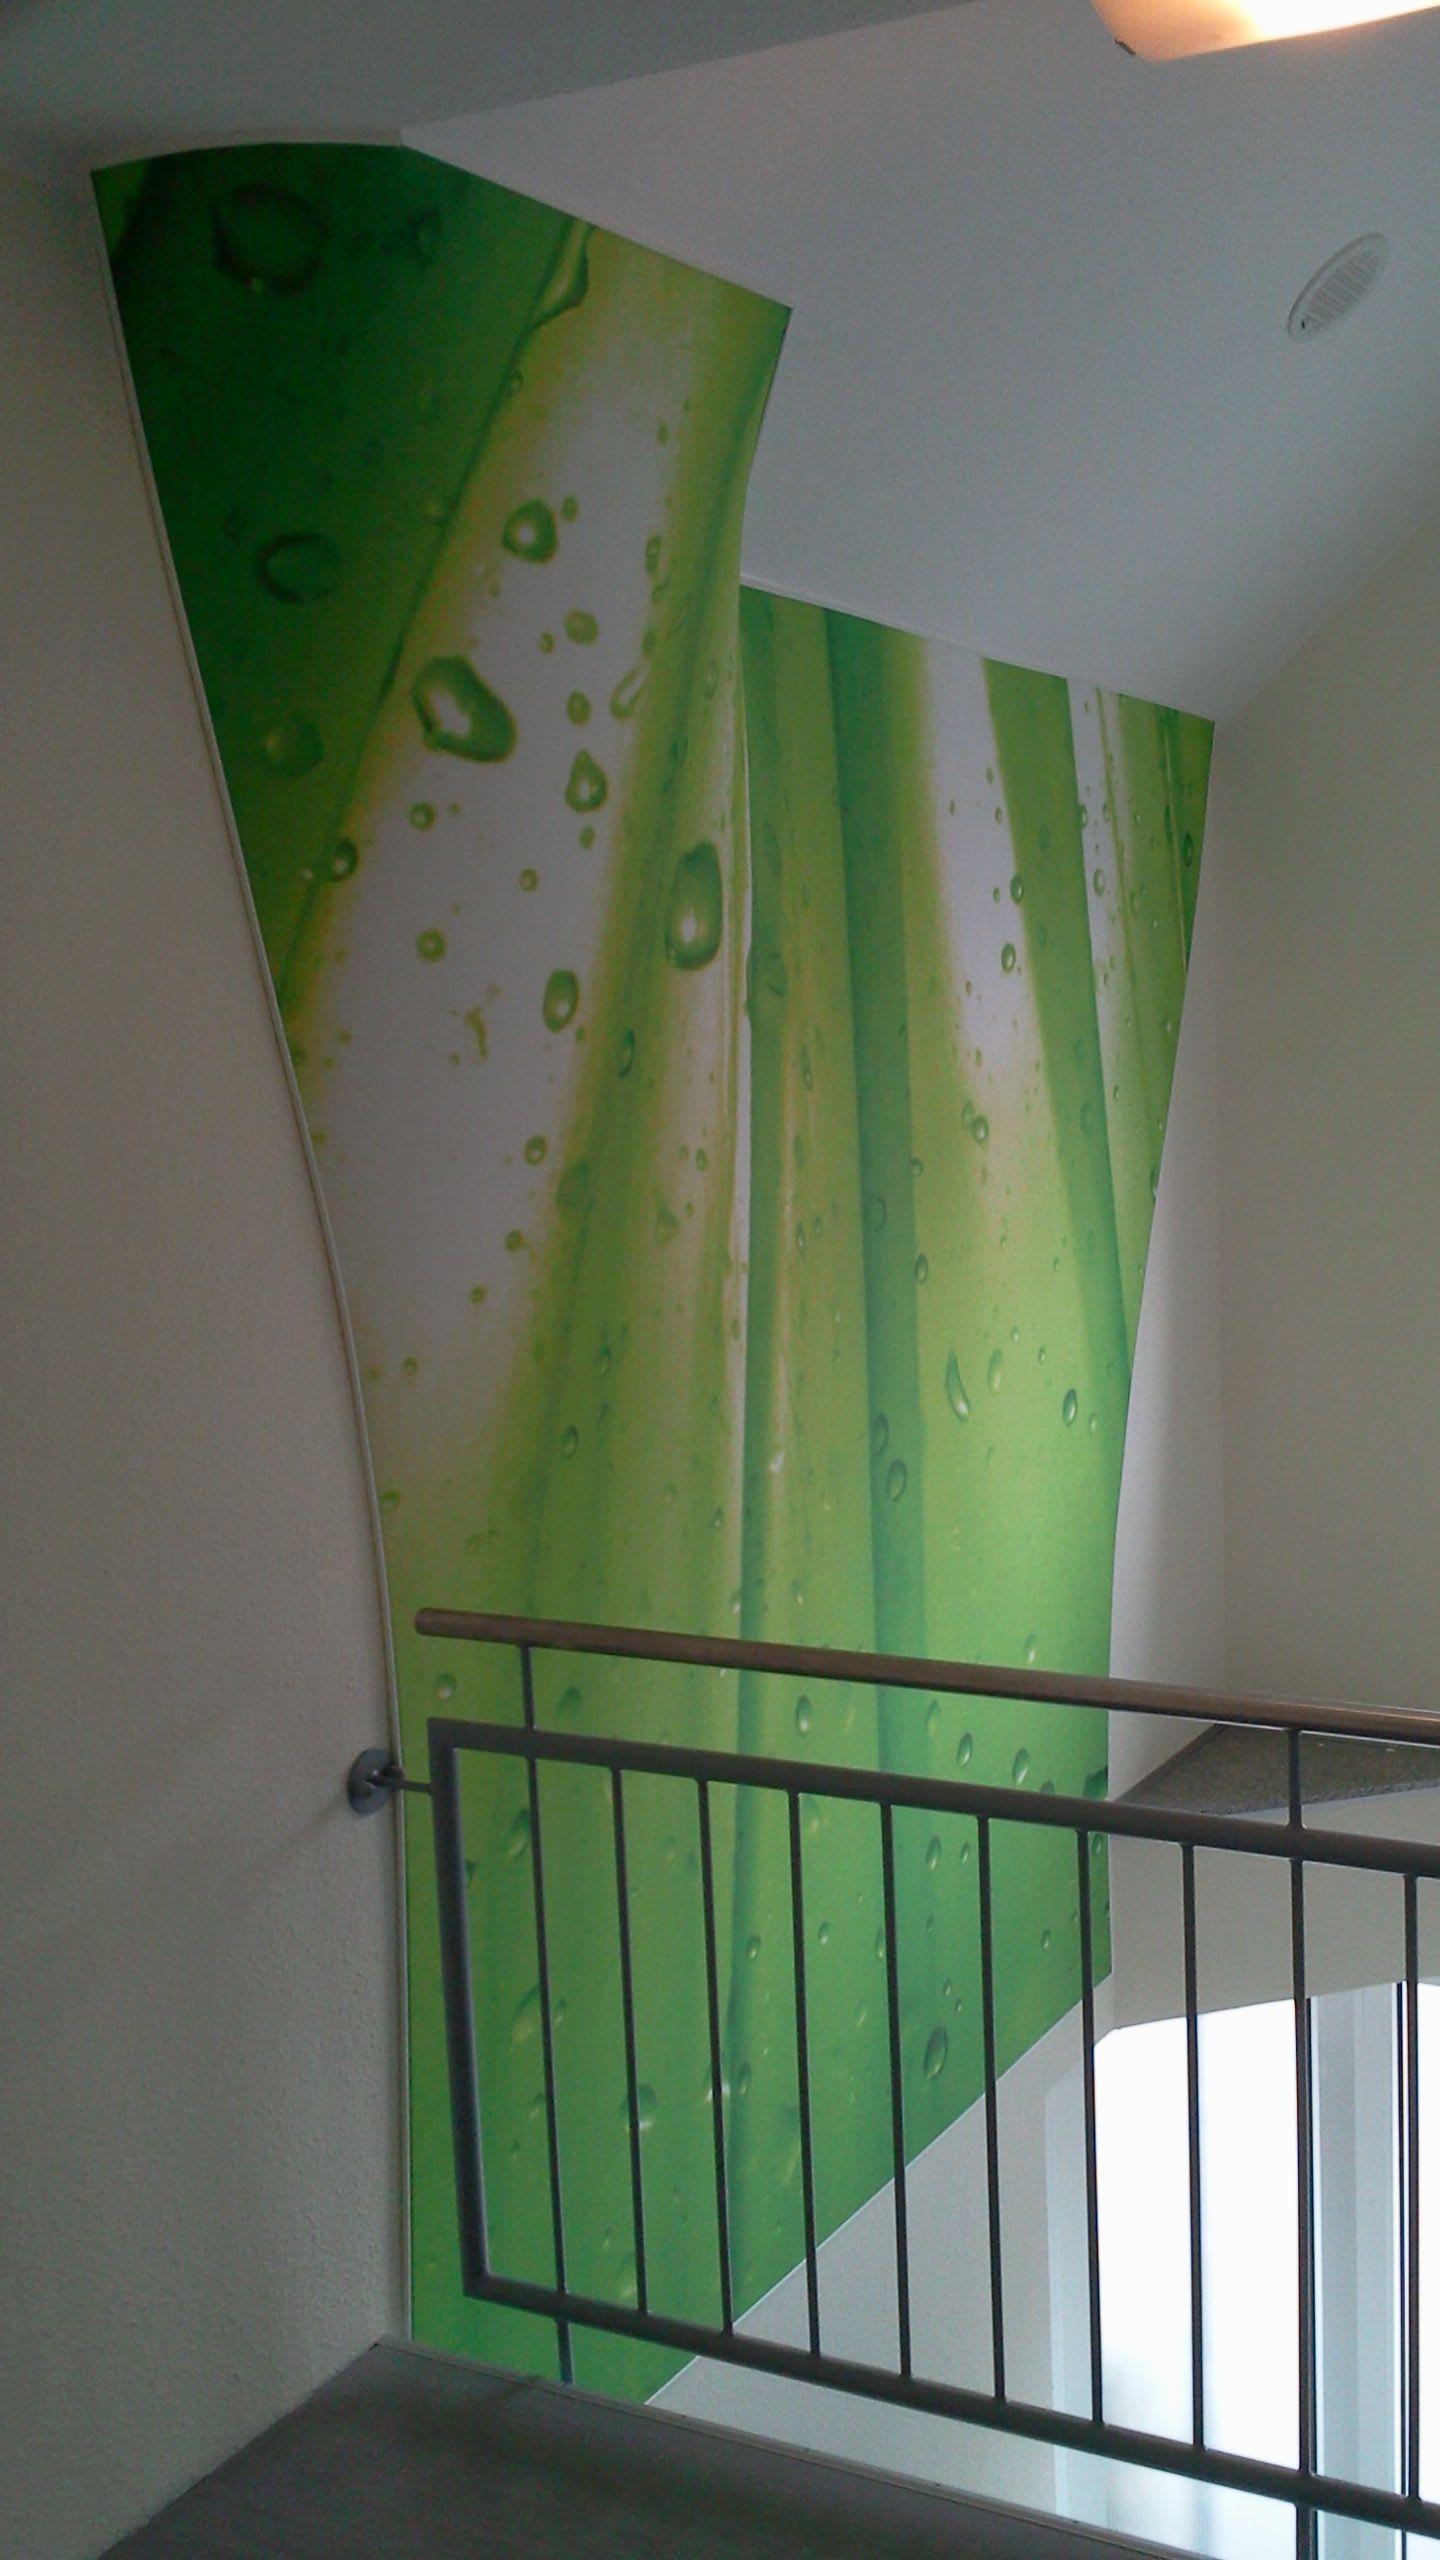 Spannwand im Flur grün mit Wassertropfen